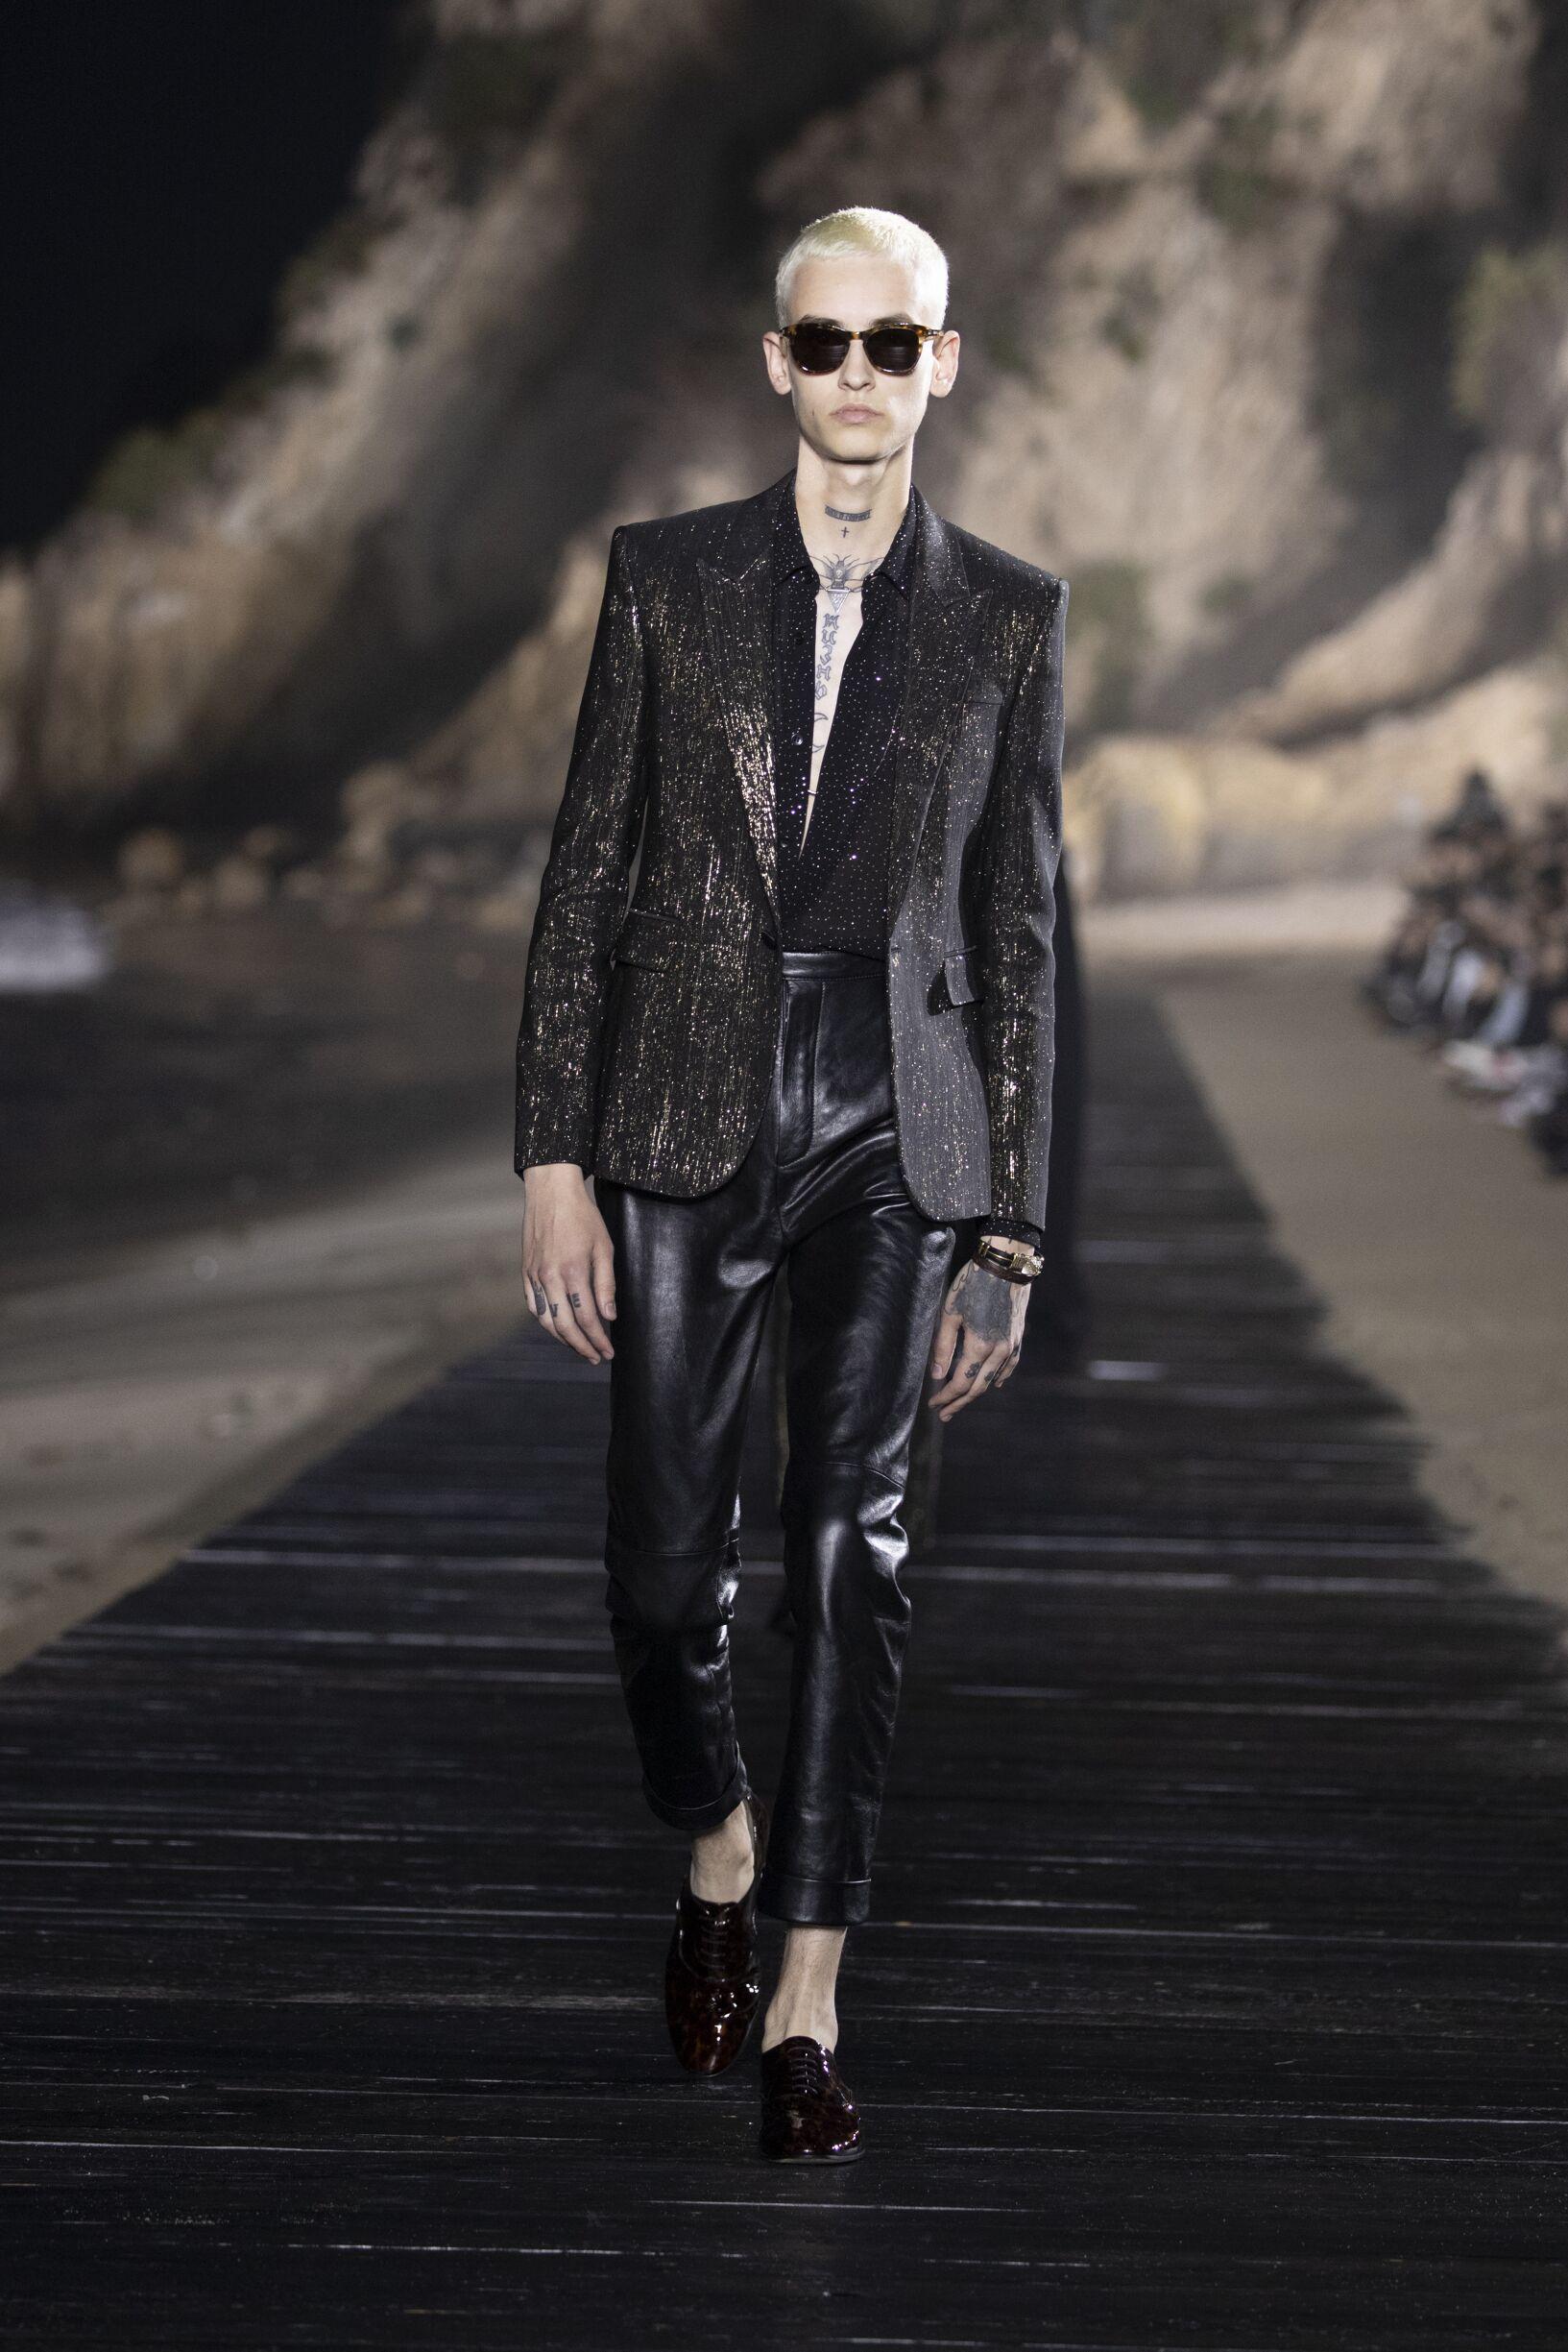 Fashion Show 2020 Catwalk Saint Laurent